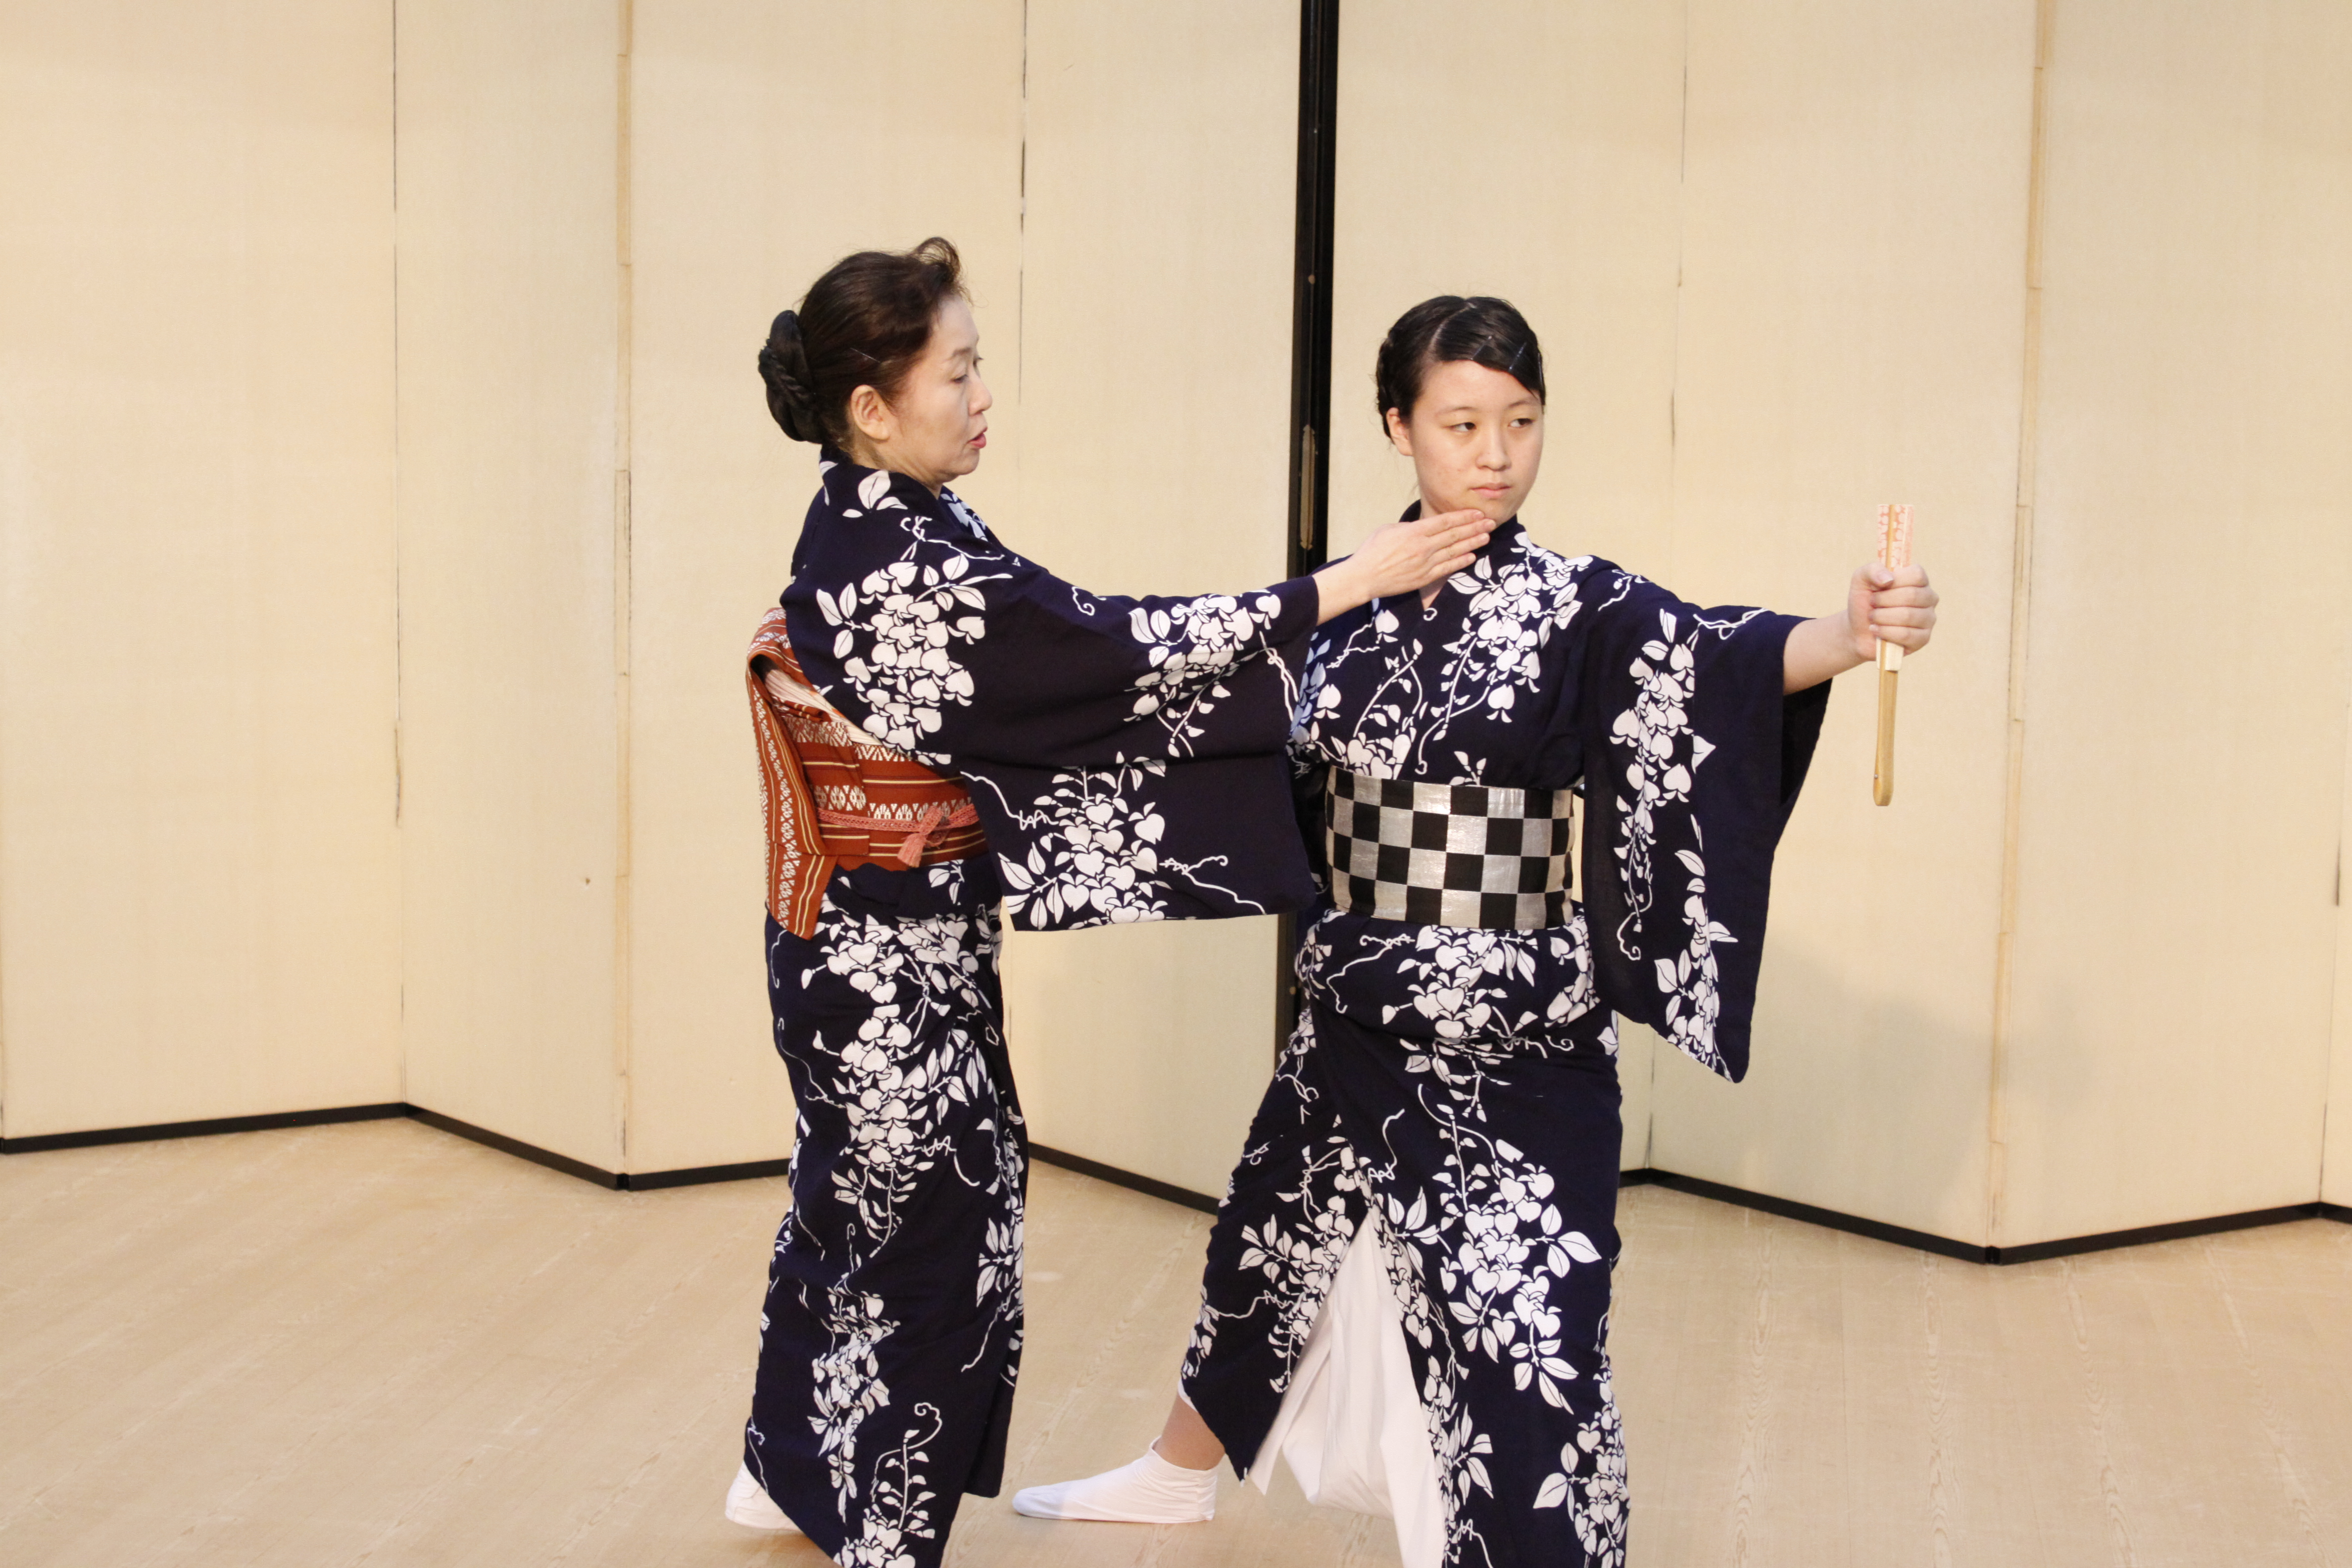 藤間流日本舞踊教室の写真11